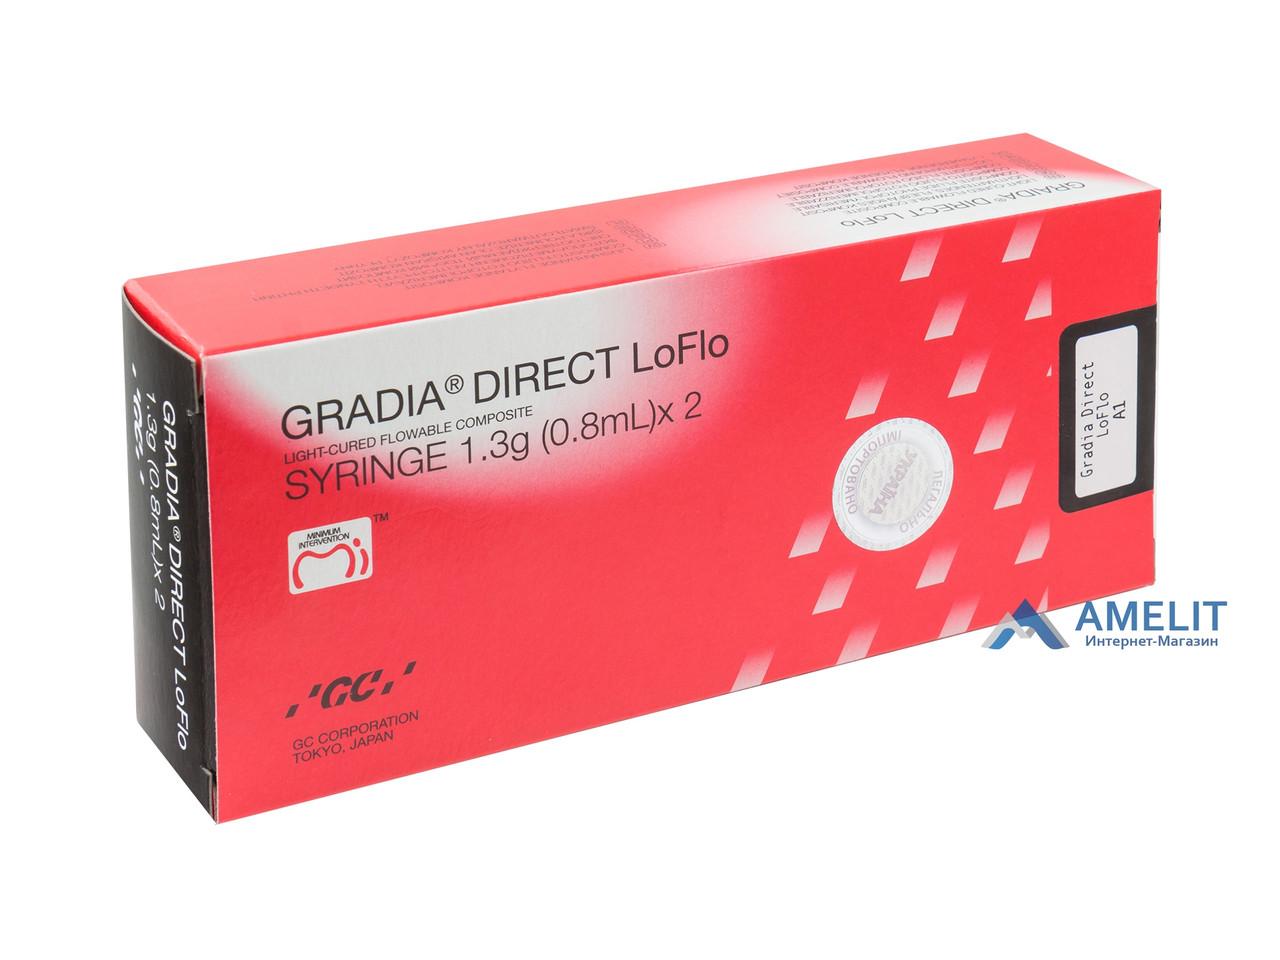 Градиа Дайрект ЛоФло (Gradia Direct Lo Flo, GC), шприц 1,5г